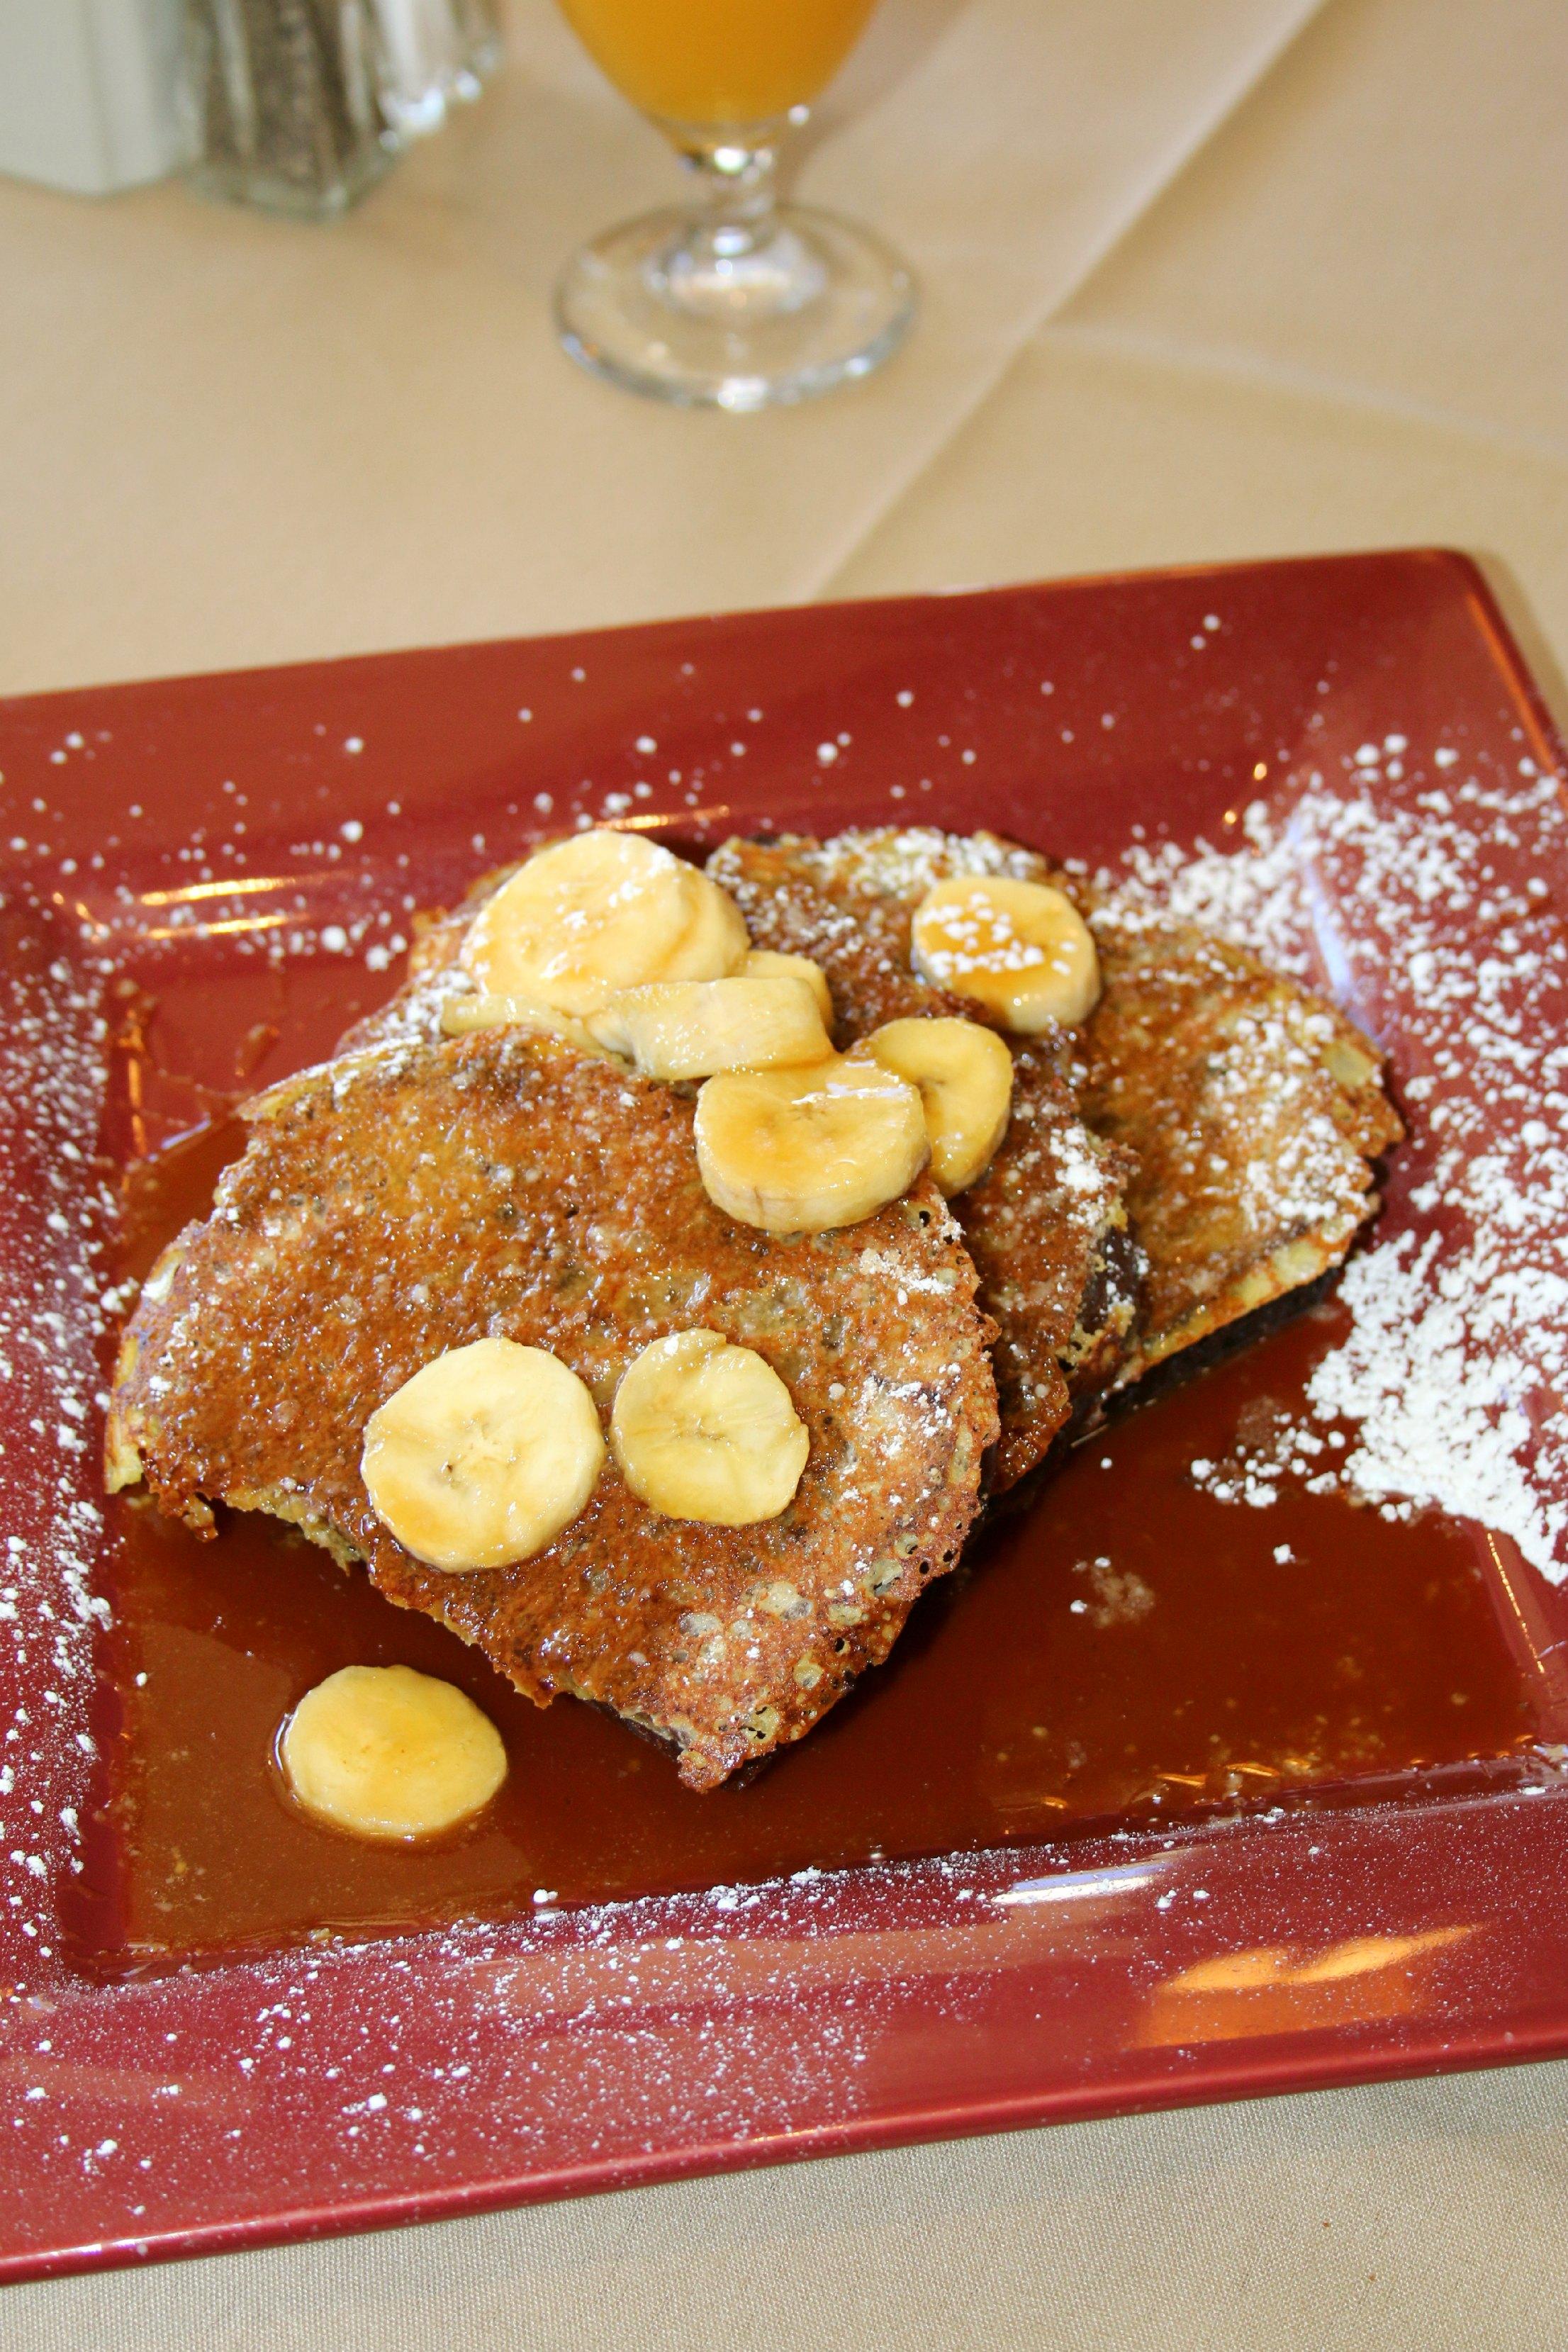 banana nut bread french toast